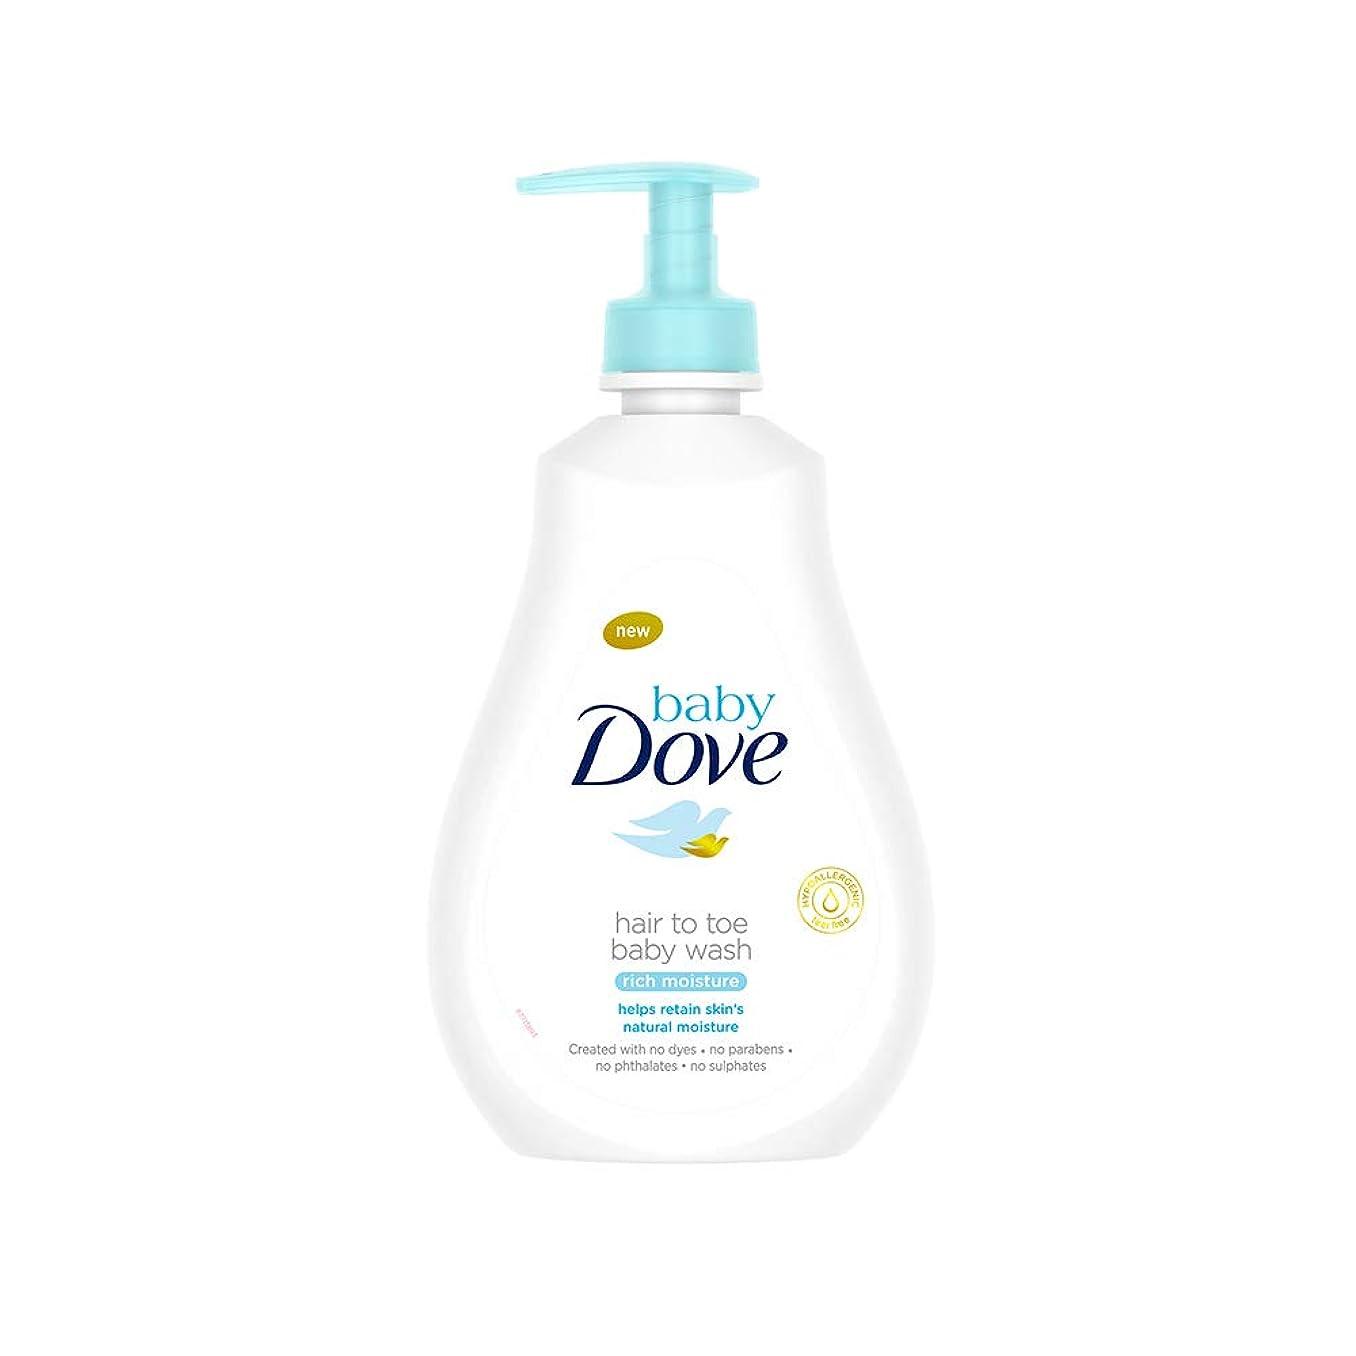 絡み合いのぞき穴地上のBaby Dove Rich Moisture Hair to Toe Baby Wash, 400 ml